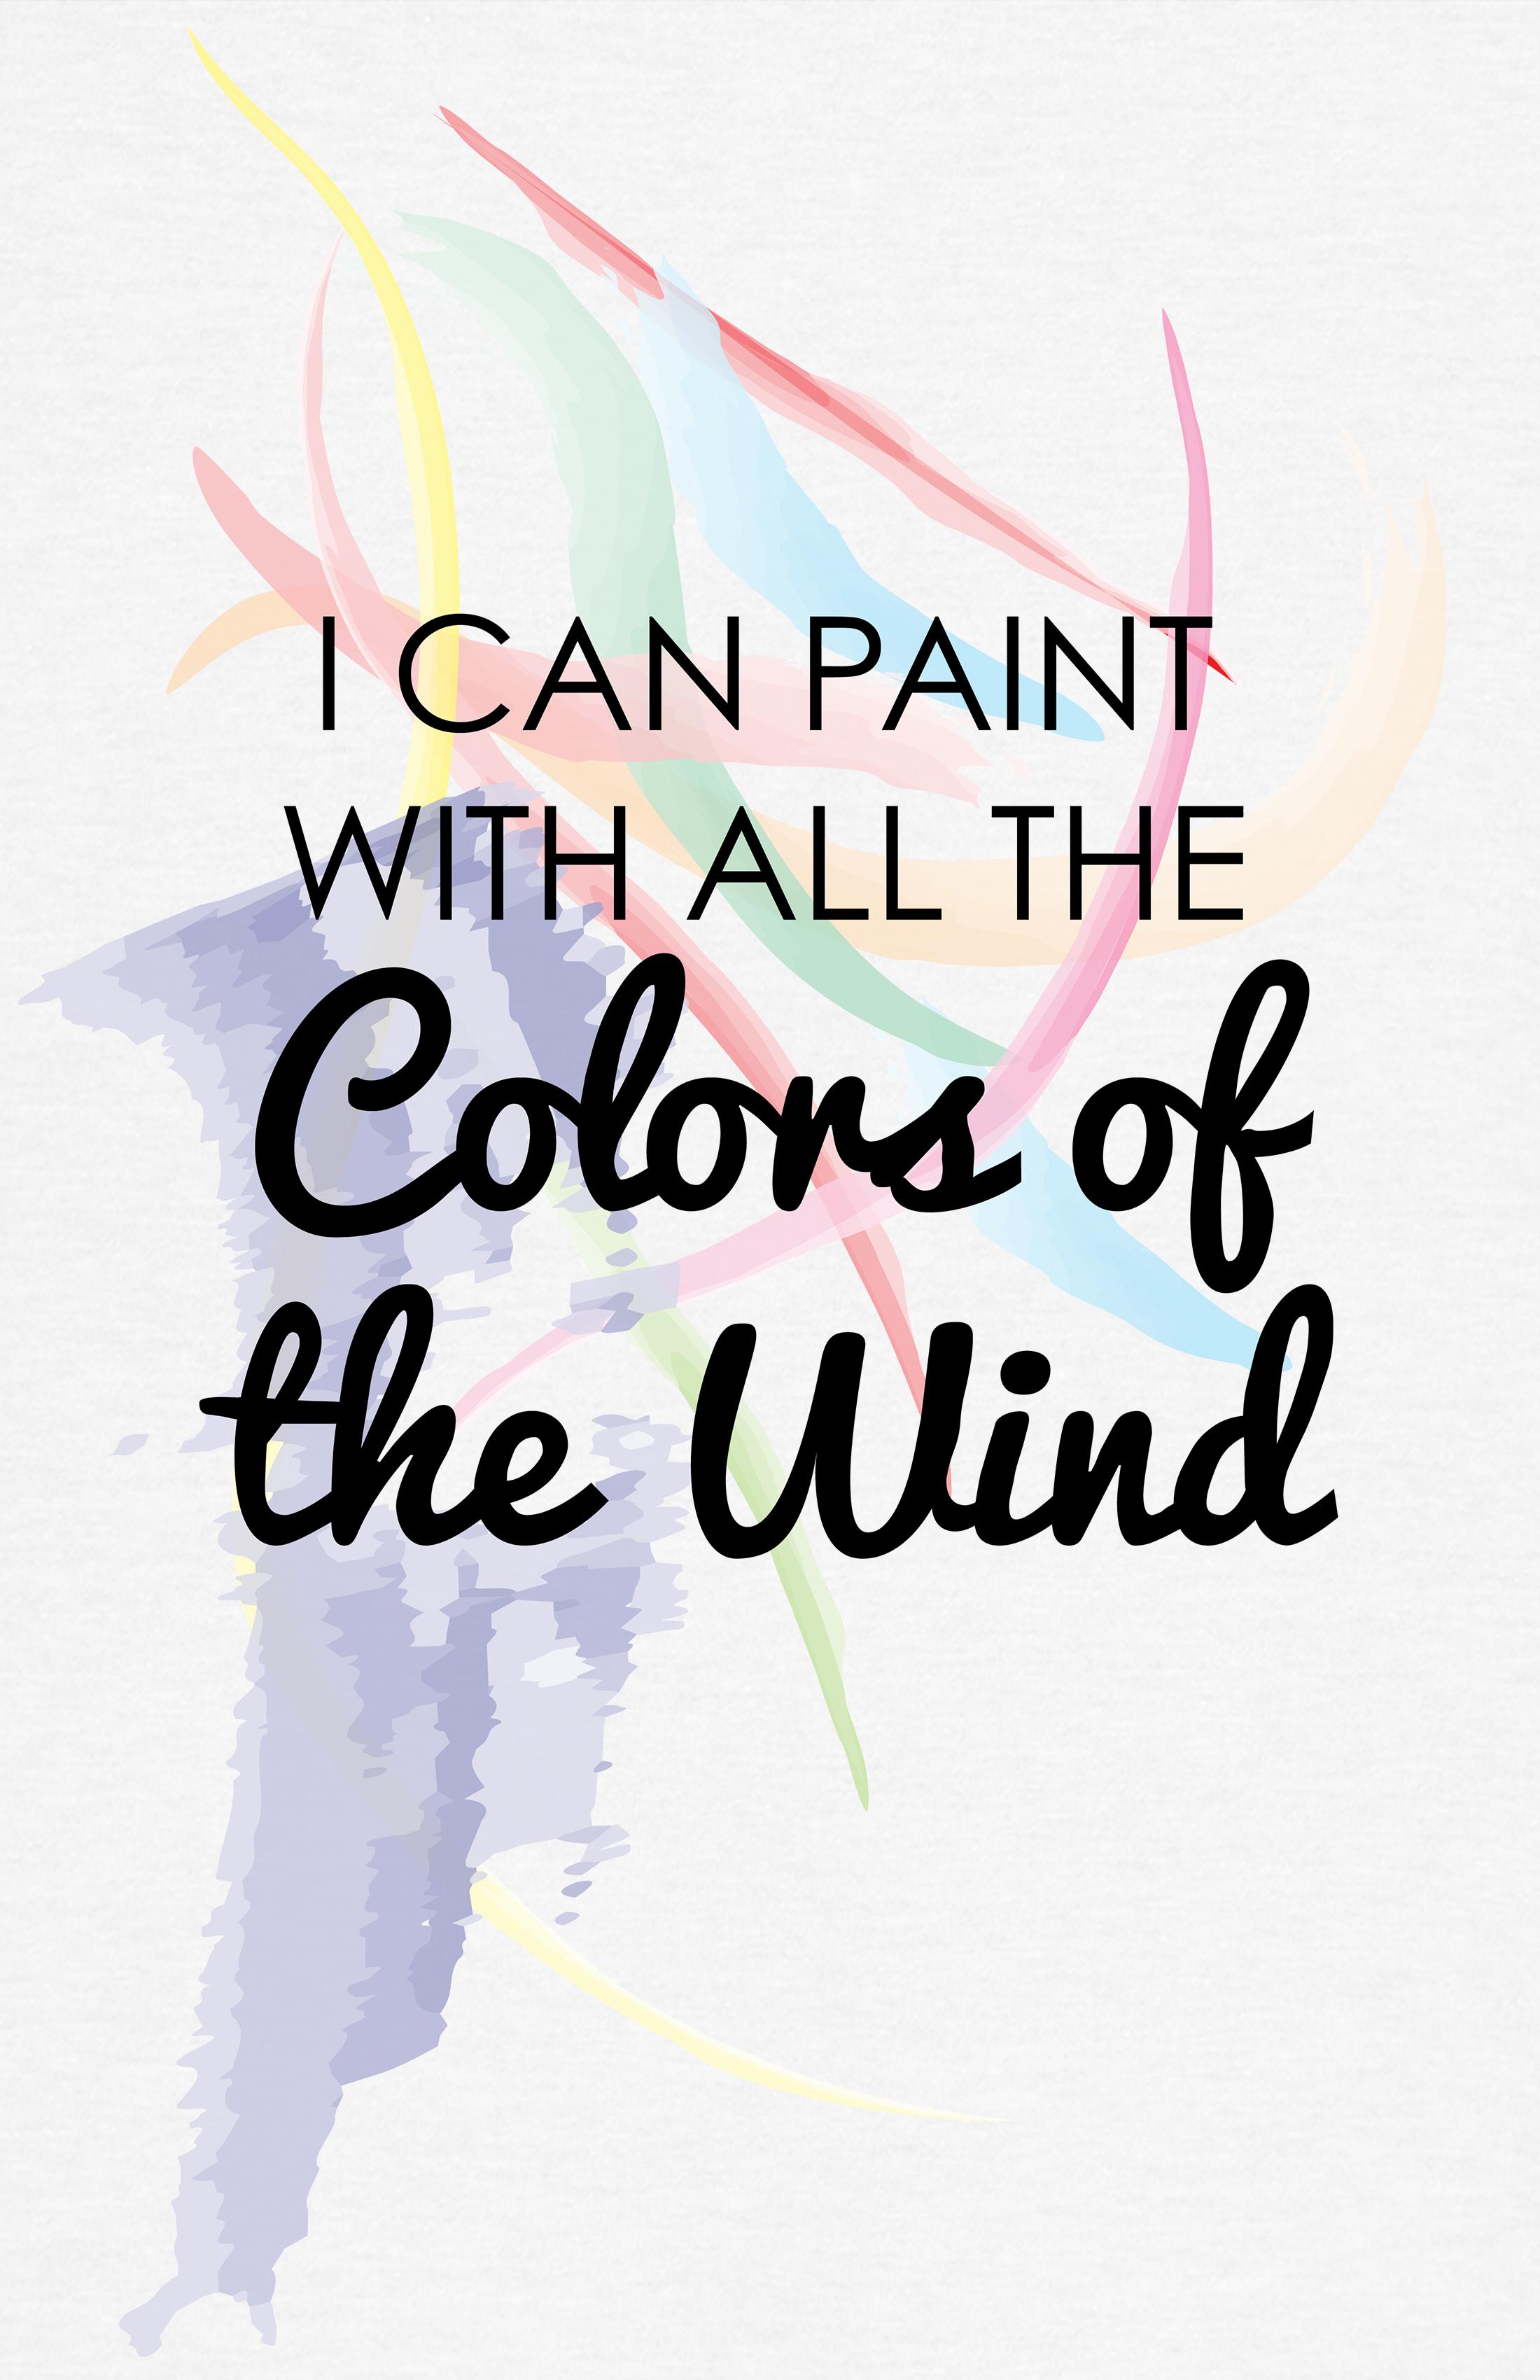 colorsofthewing.jpg